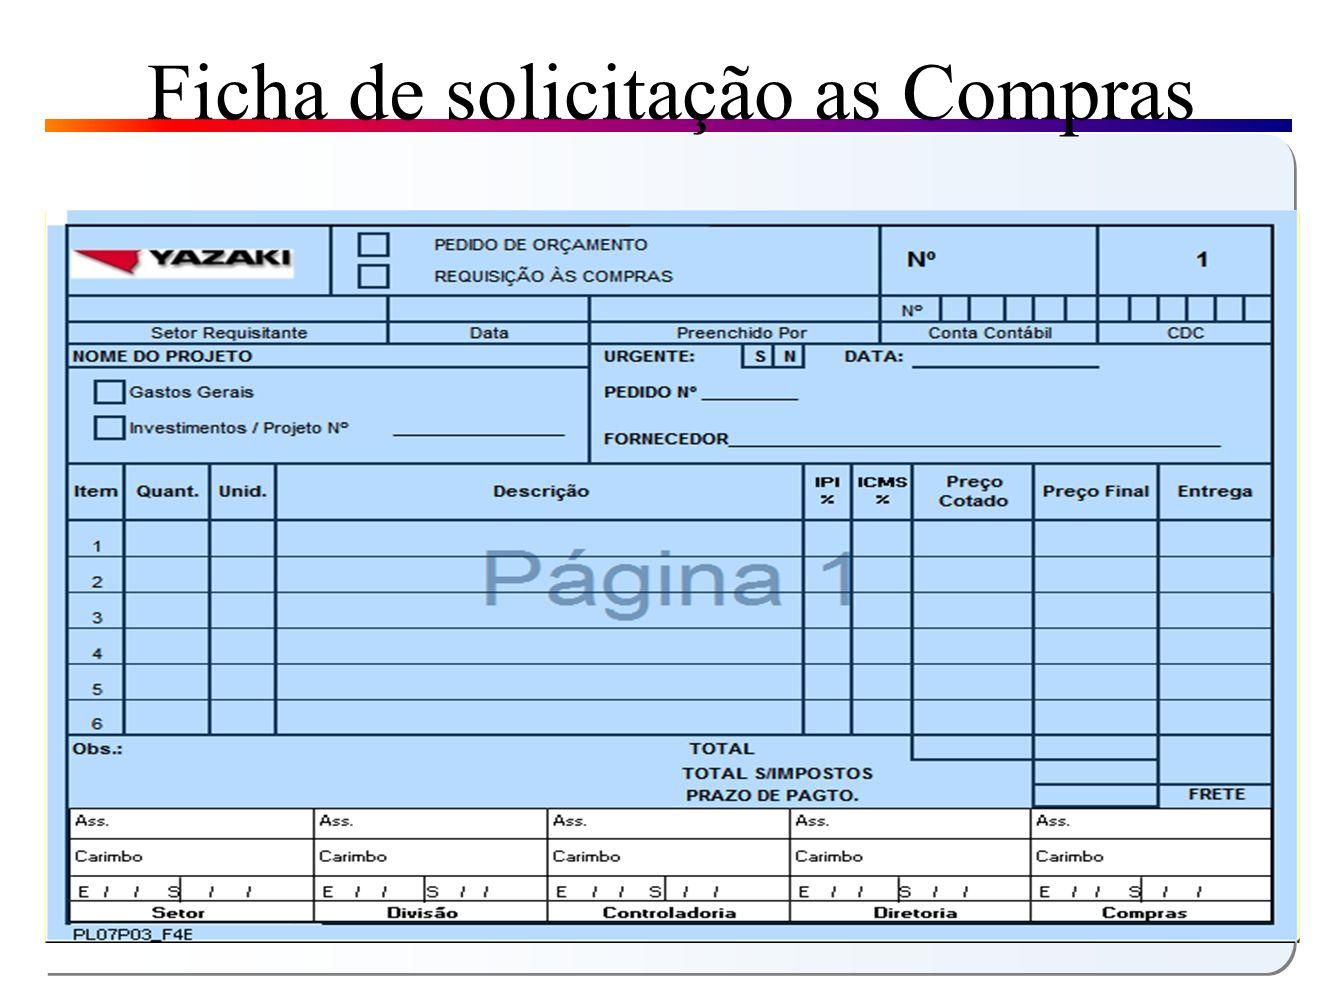 Ficha de solicitação as Compras